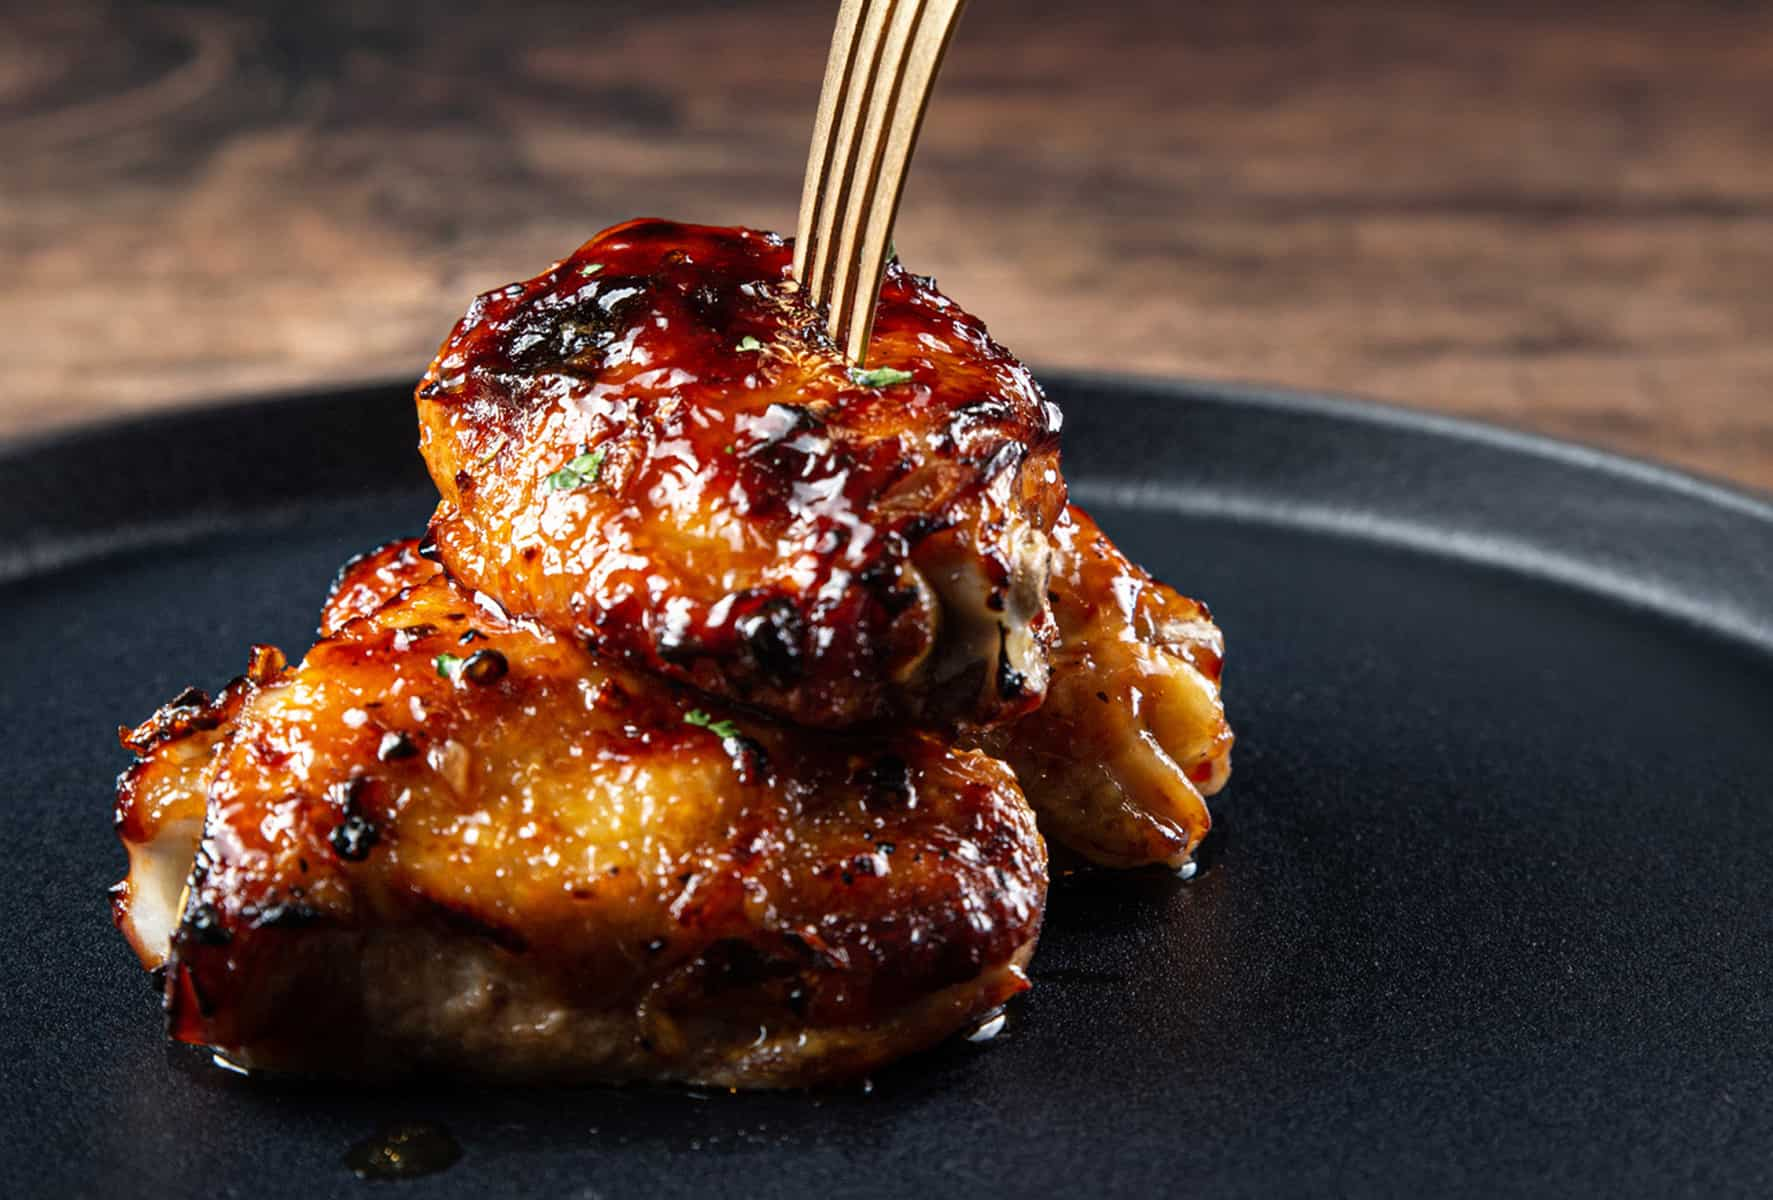 instant pot chicken thighs | chicken thighs instant pot | instant pot chicken thigh recipes | pressure cooker chicken thighs | honey garlic chicken thighs #AmyJacky #InstantPot #PressureCooker #recipe #chicken